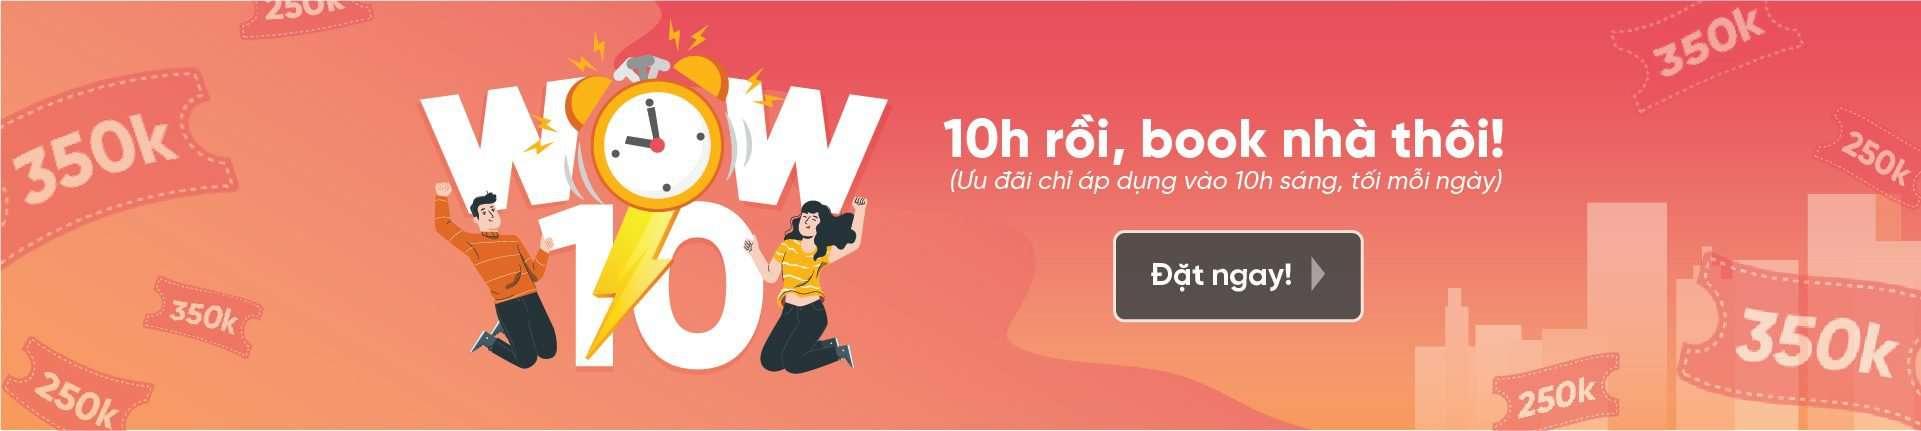 Top 10 homestay đẹp tại Hà Nội 100